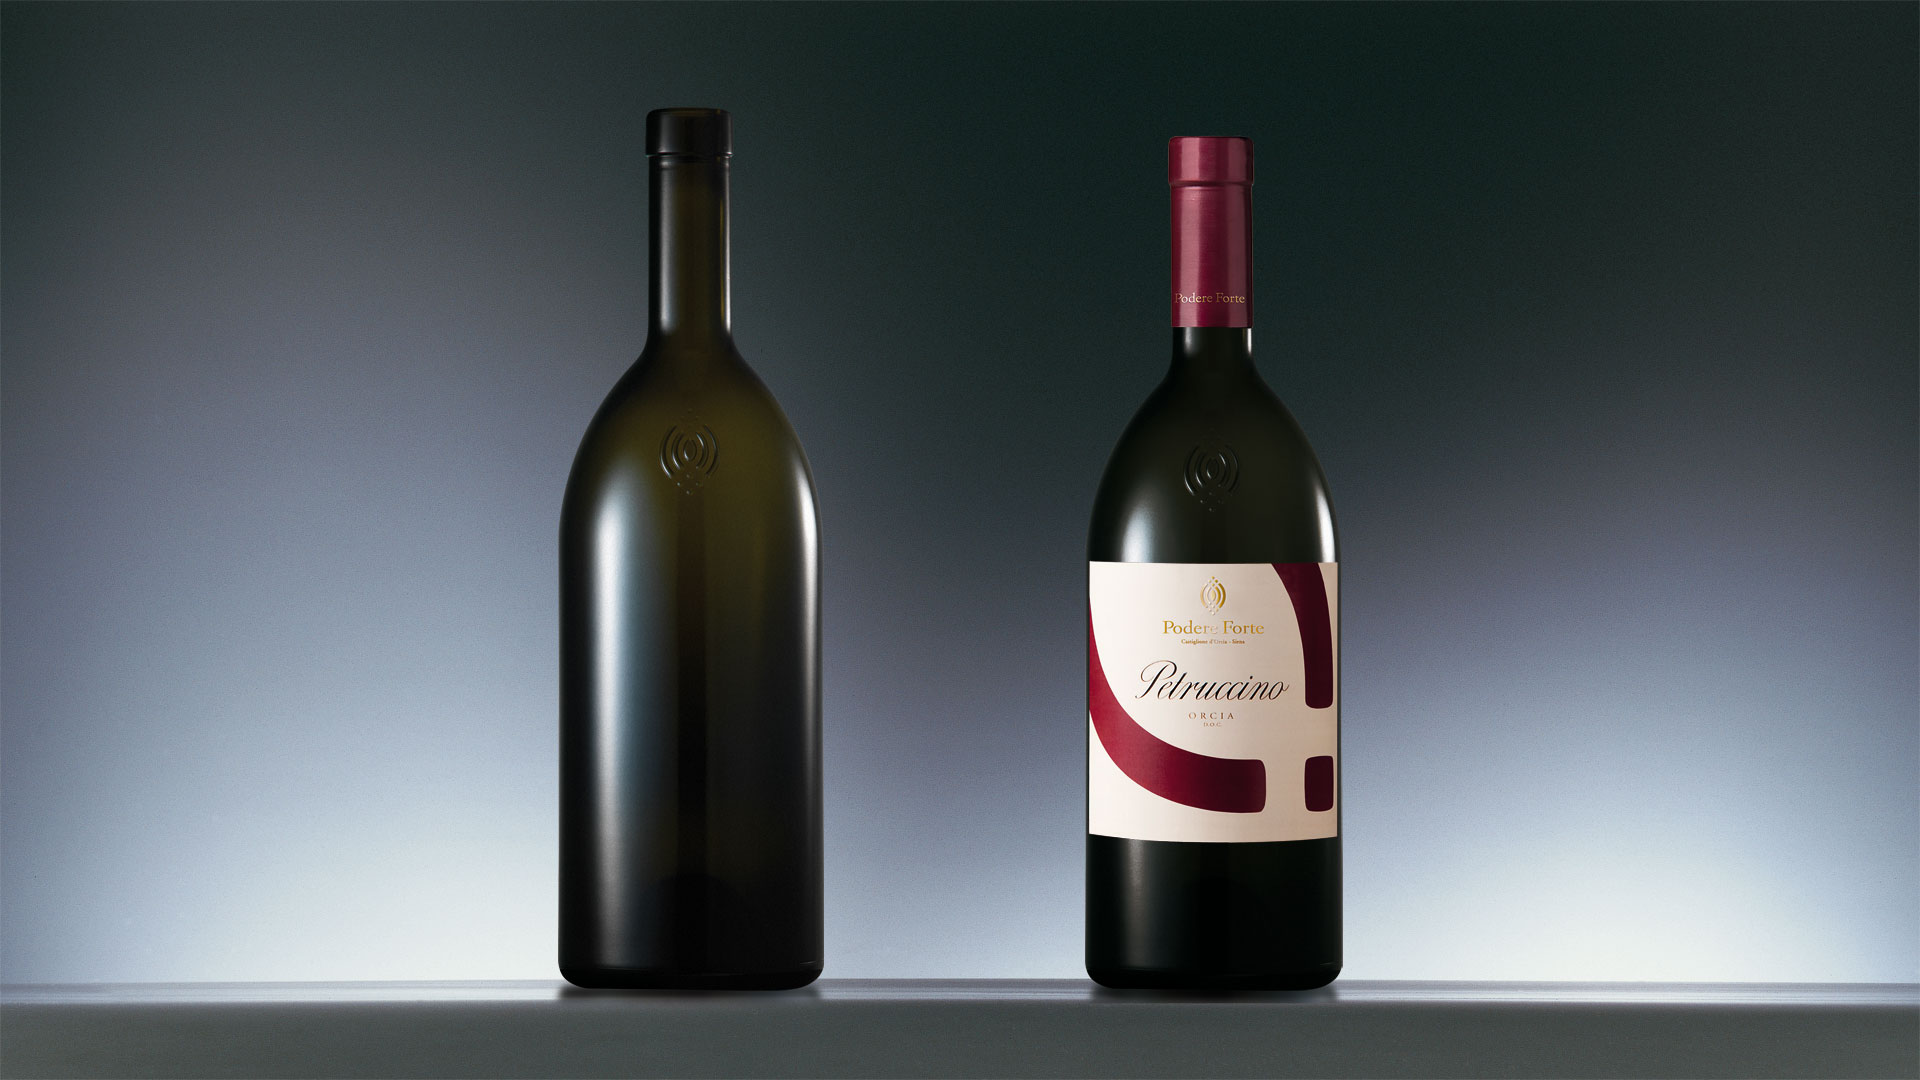 Podere Forte Wine bottle design